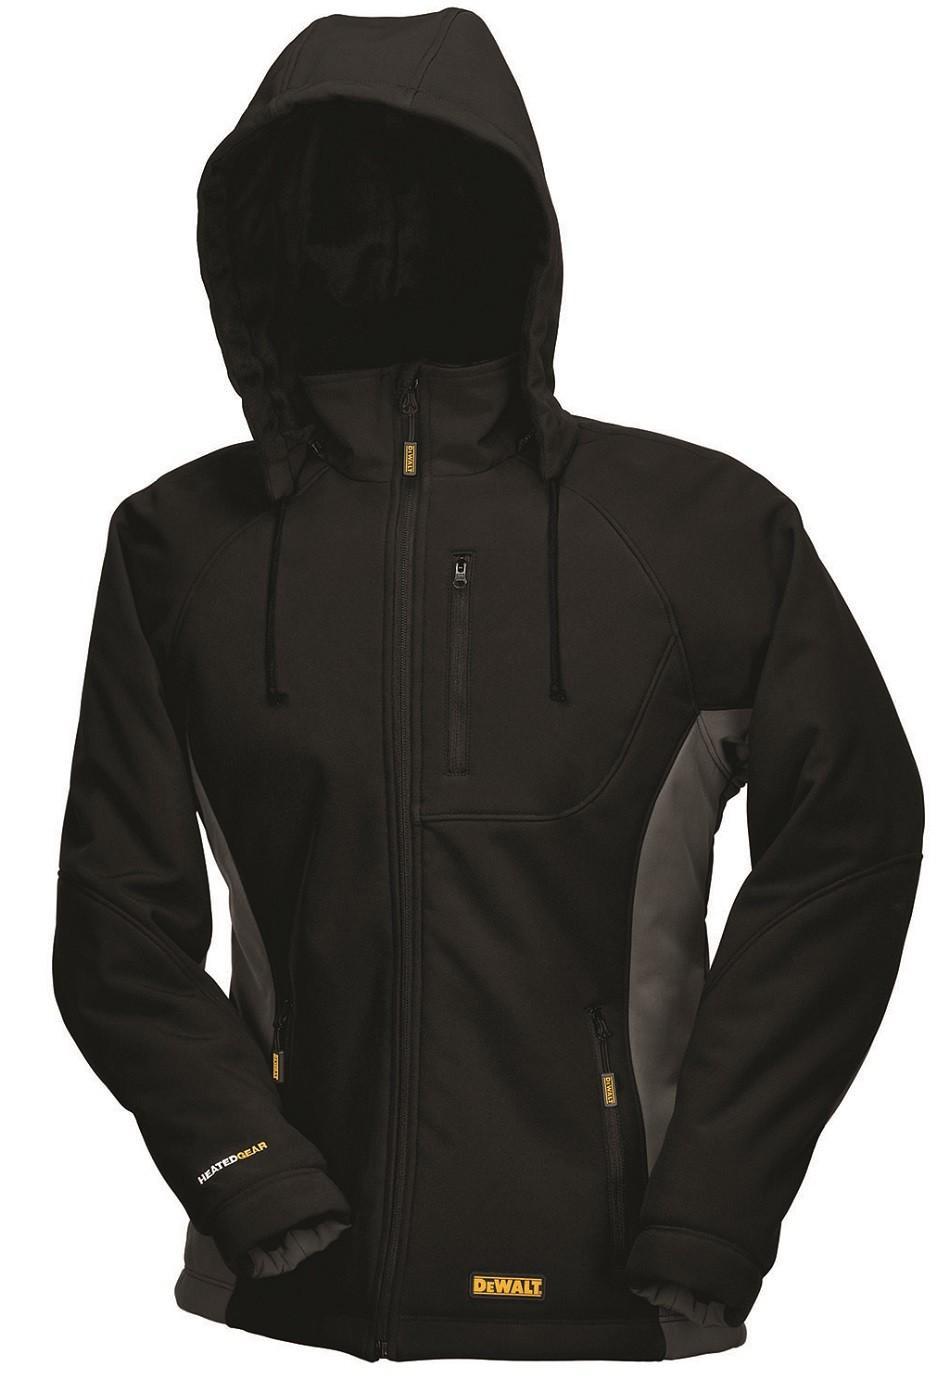 Dewalt Dchj066c1 Battery Heated Women S Hooded Jacket